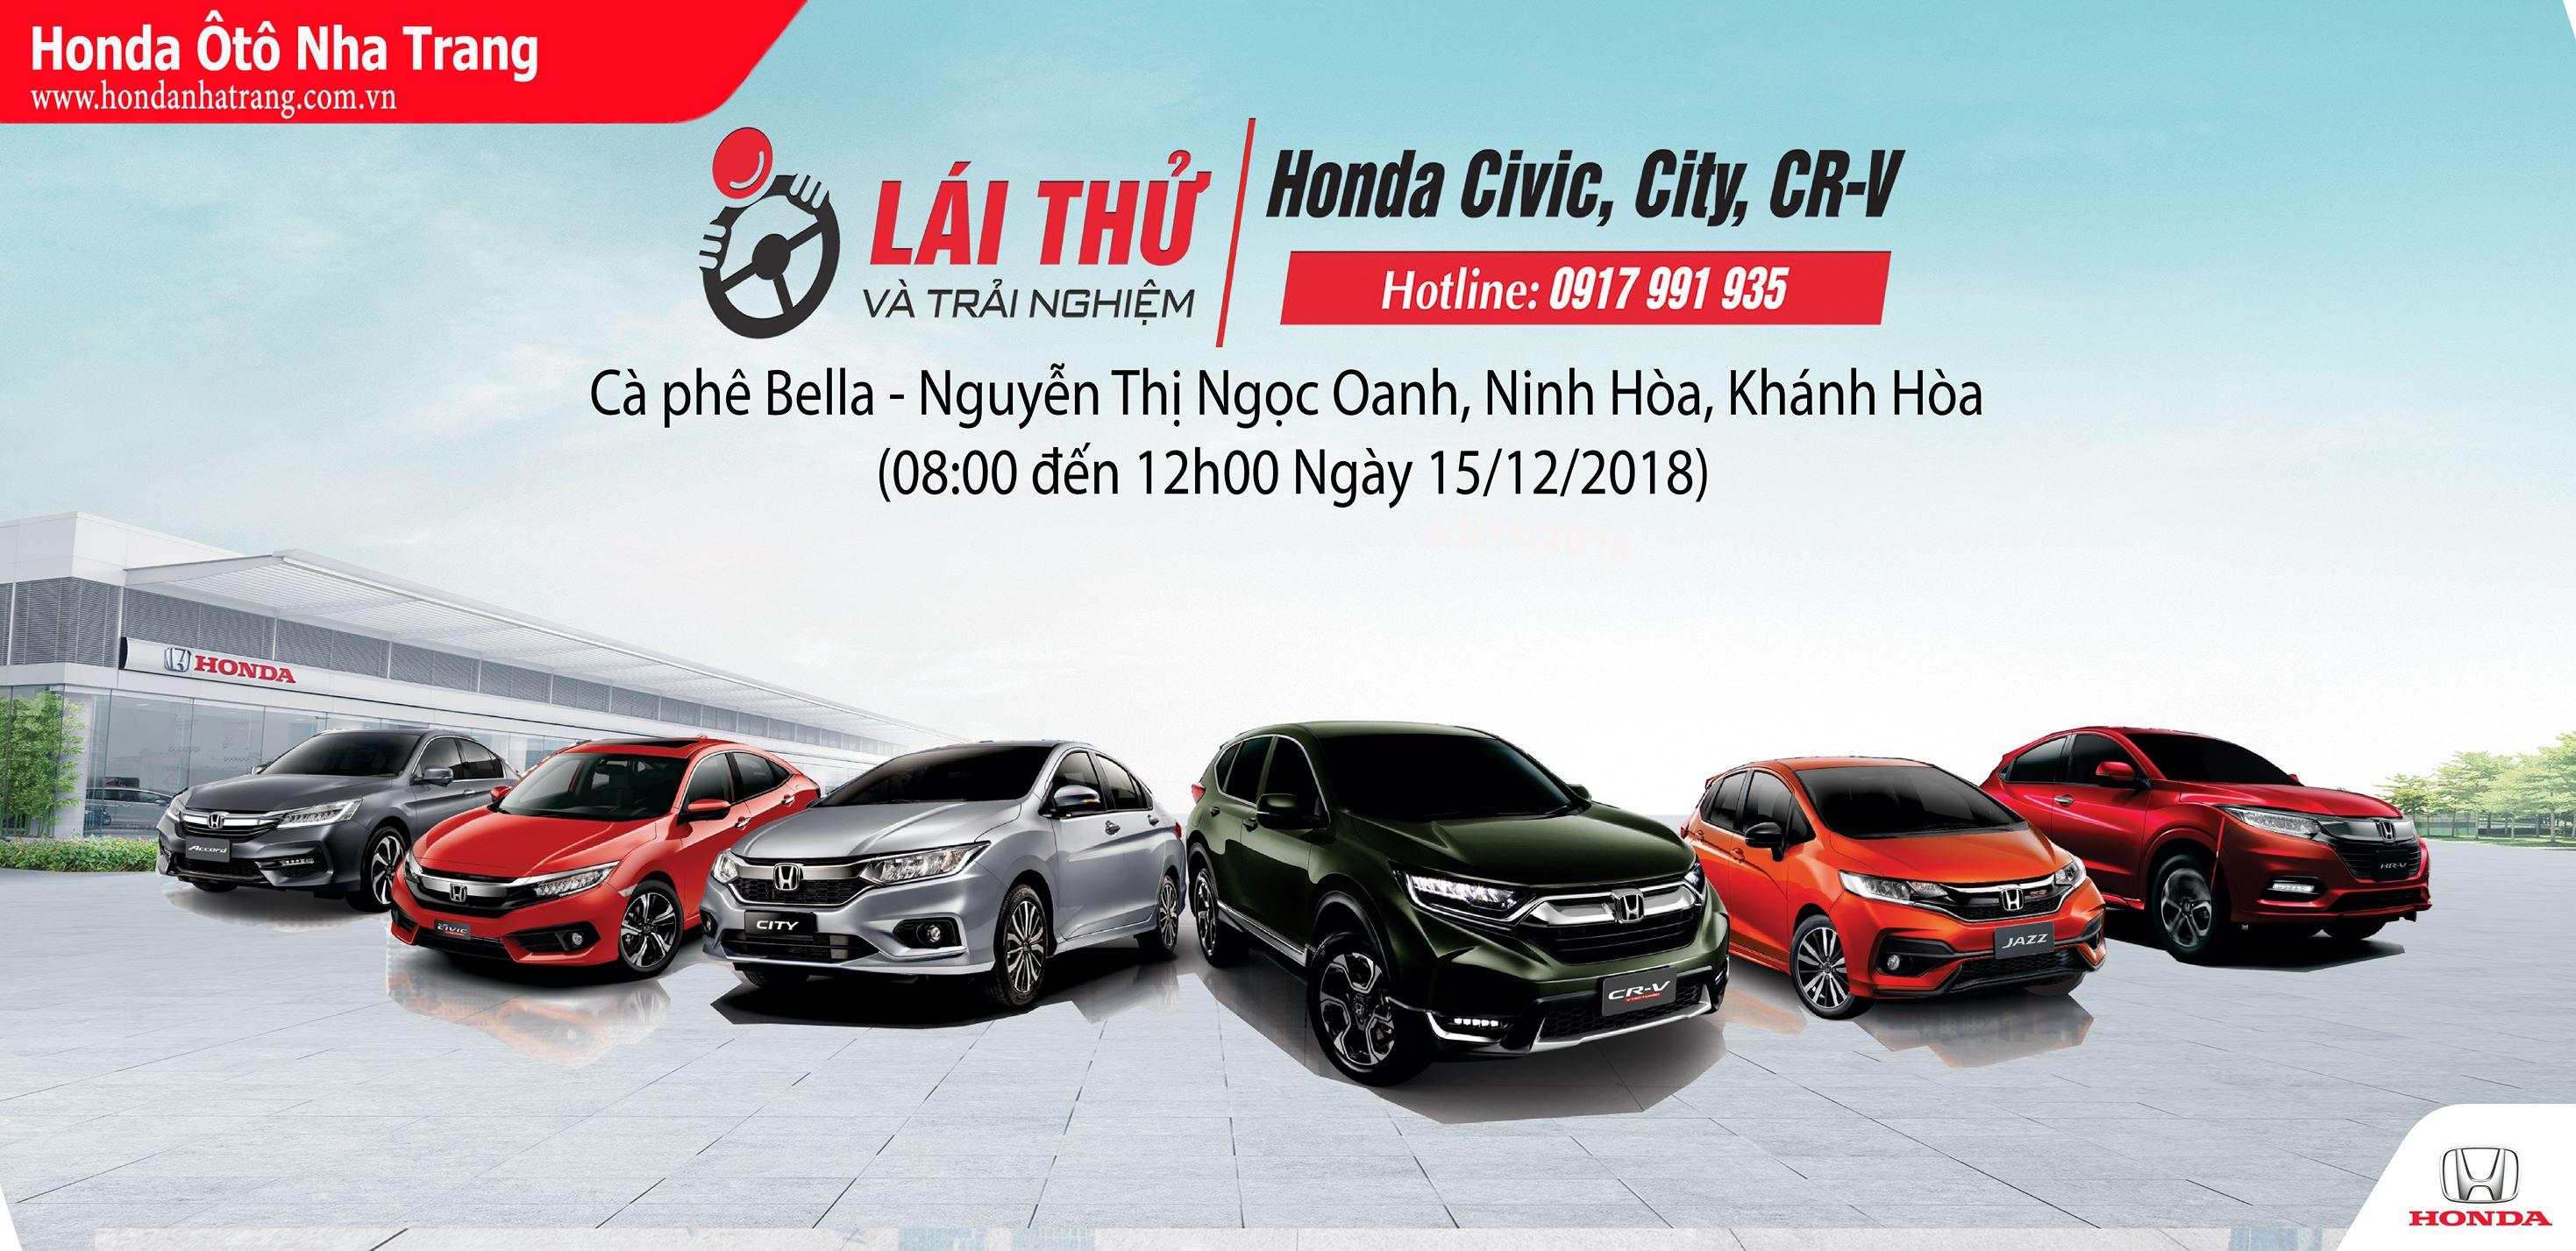 Honda Ôtô Nha Trang tổ chức chương trình Lái thử Honda tại Ninh Hòa 15/12/2018